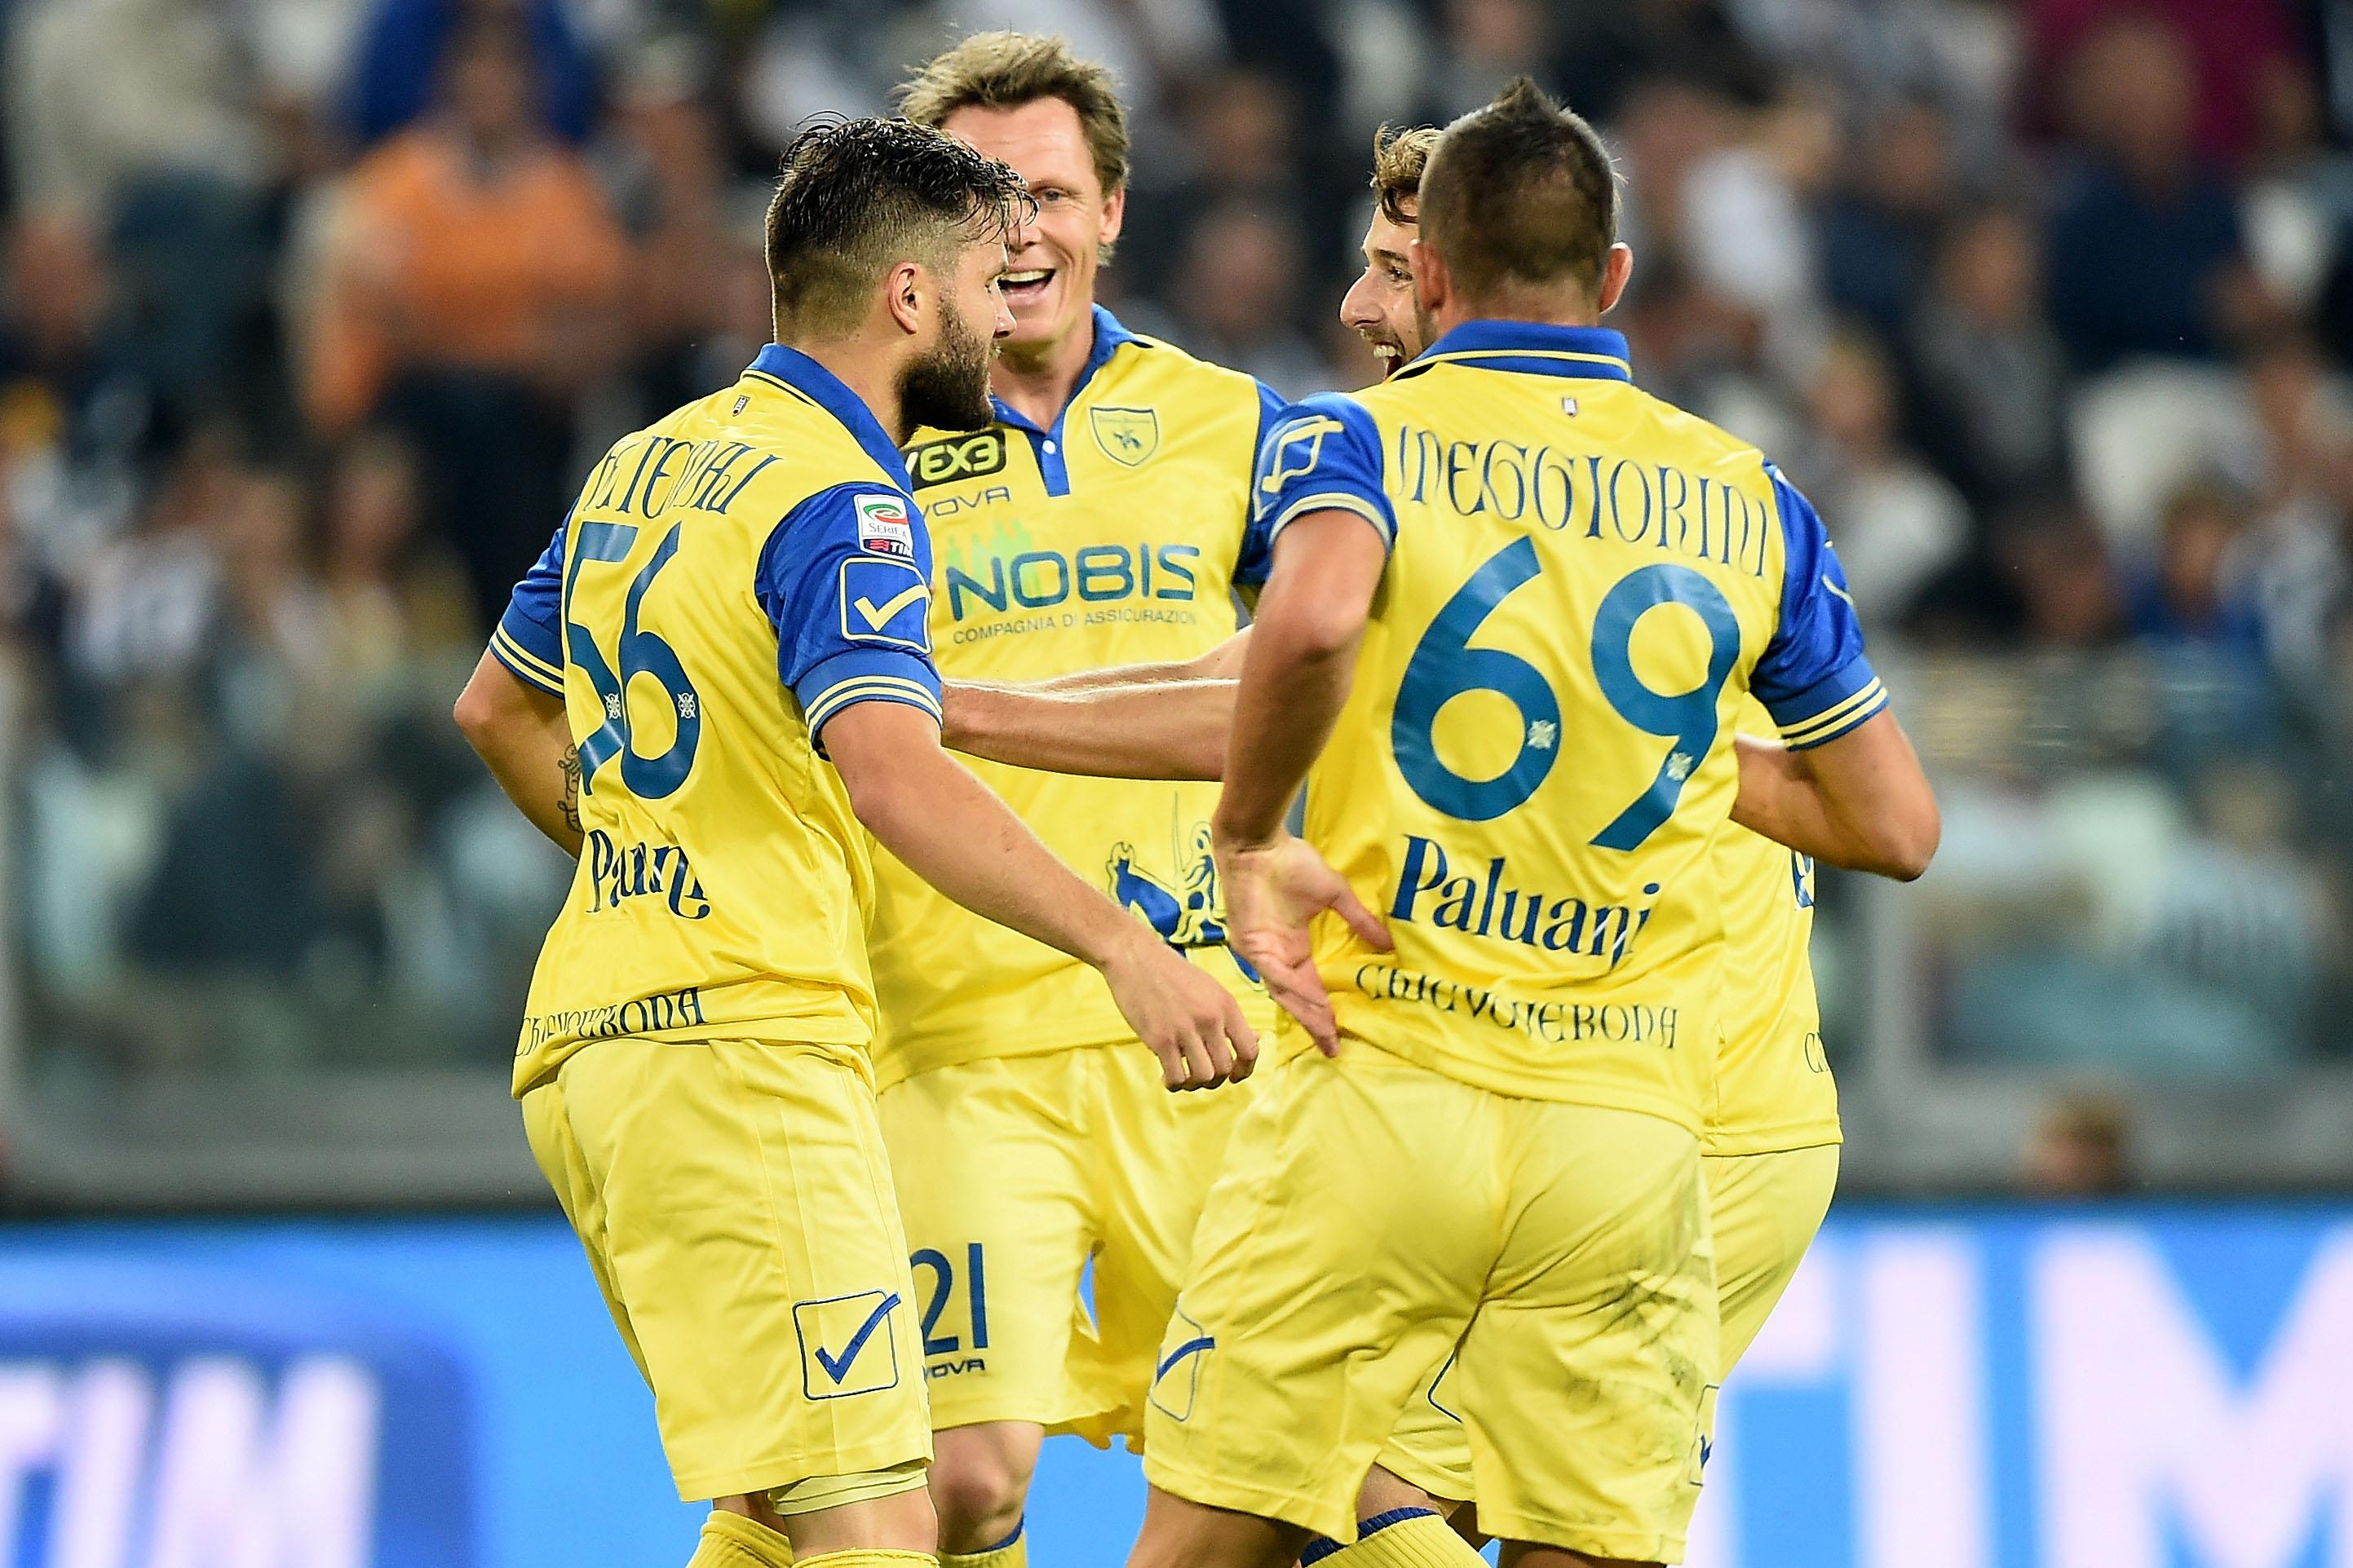 Borriello vince la scommessa con Vieri: 15 goal e vacanze pagate